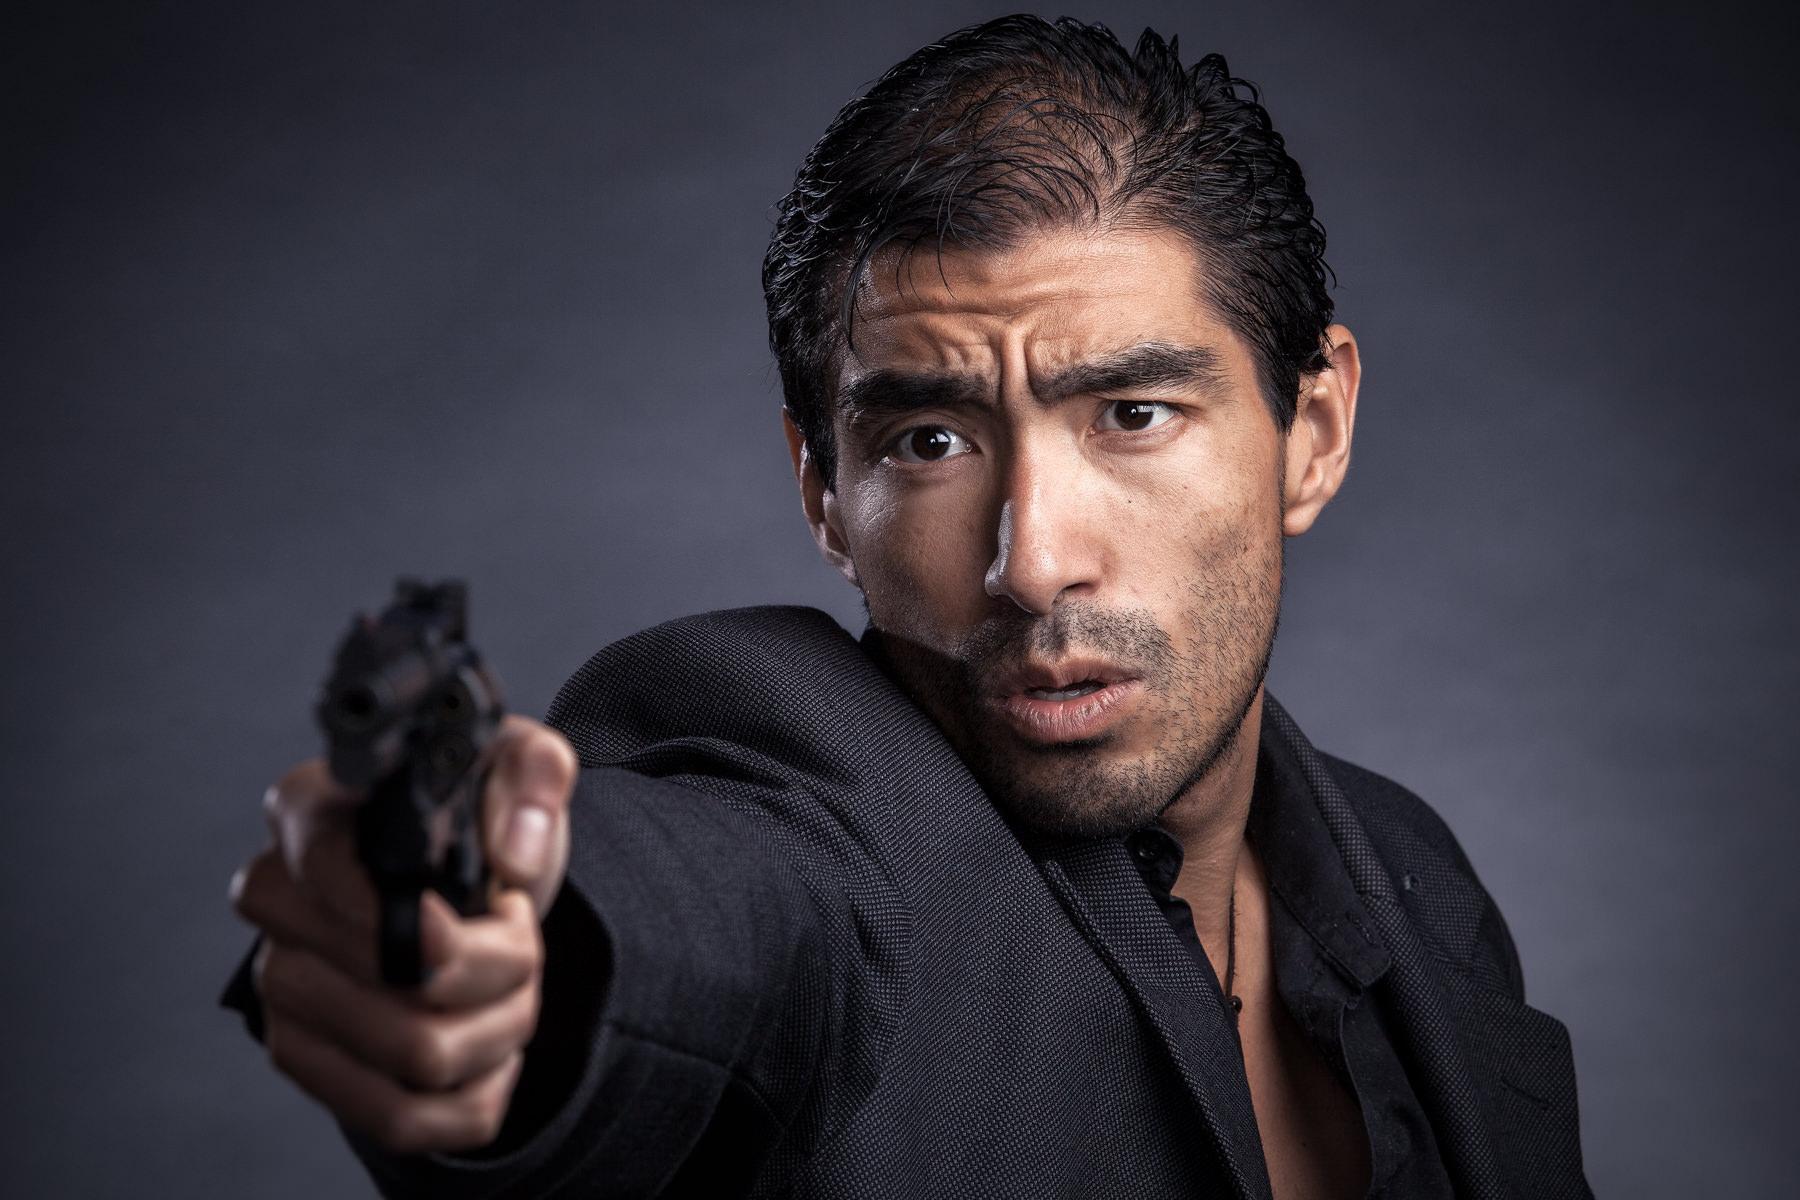 Male with handgun